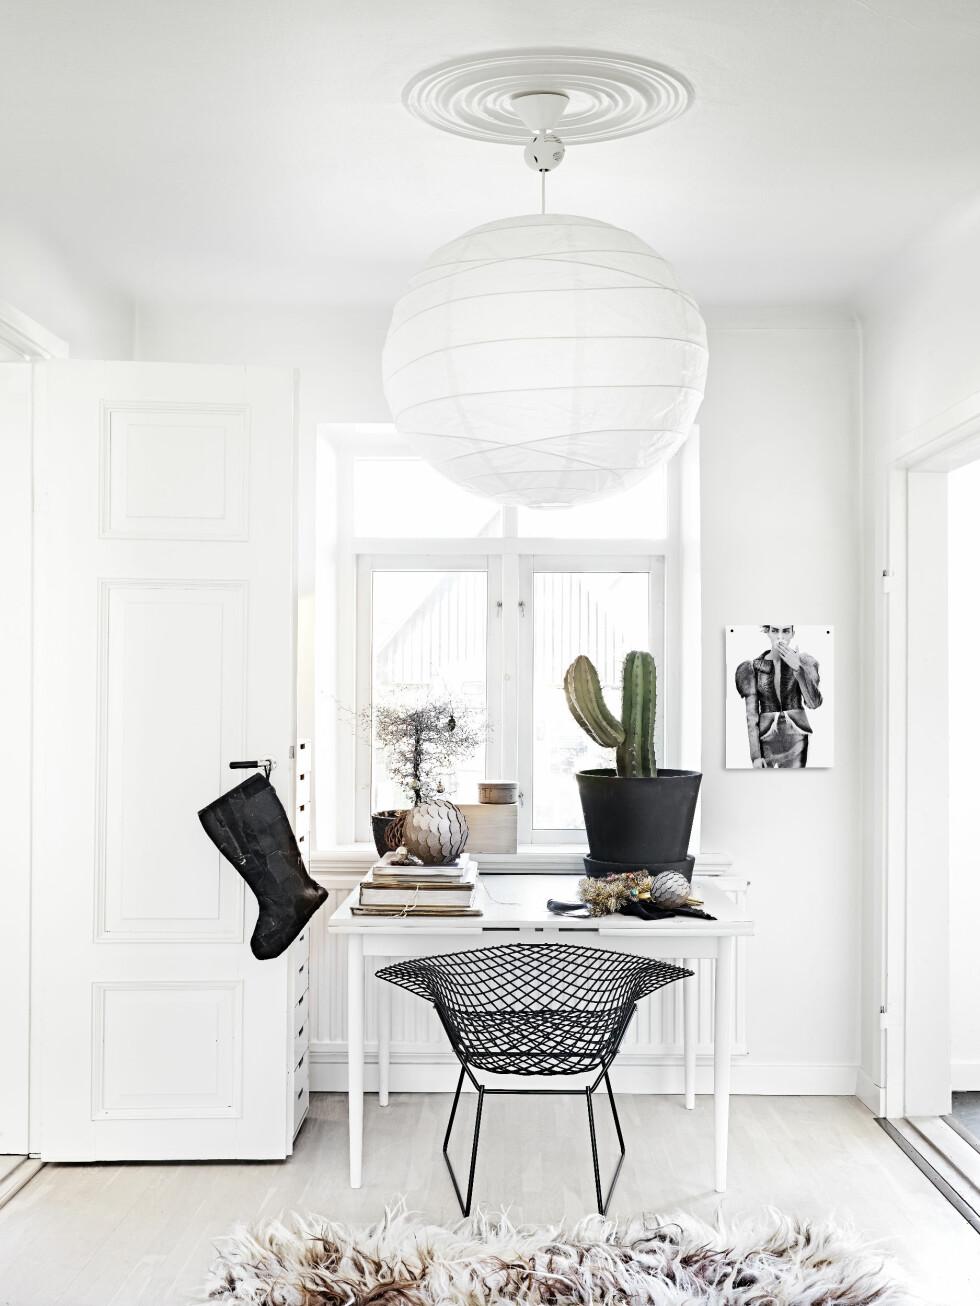 RUND TAKLAMPE: Taklampen er fra Habitat, men det finnes lignende på både Ikea og Granit. Stolen er Bertoia Wire Chair.  Foto: Sara Svenningrud